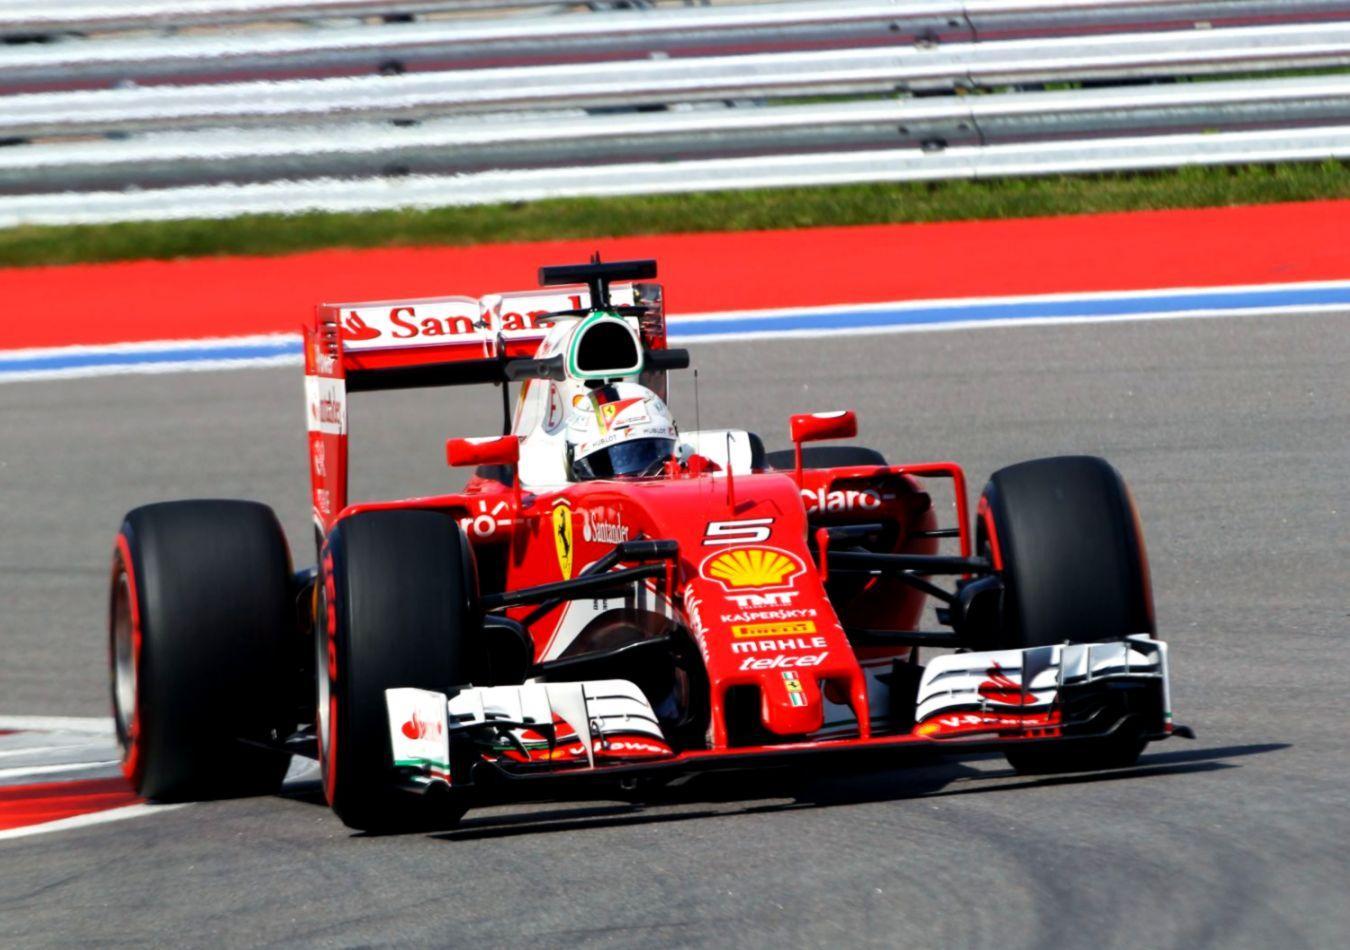 48+ Sebastian Vettel Ferrari Samsung Wallpaper  Background